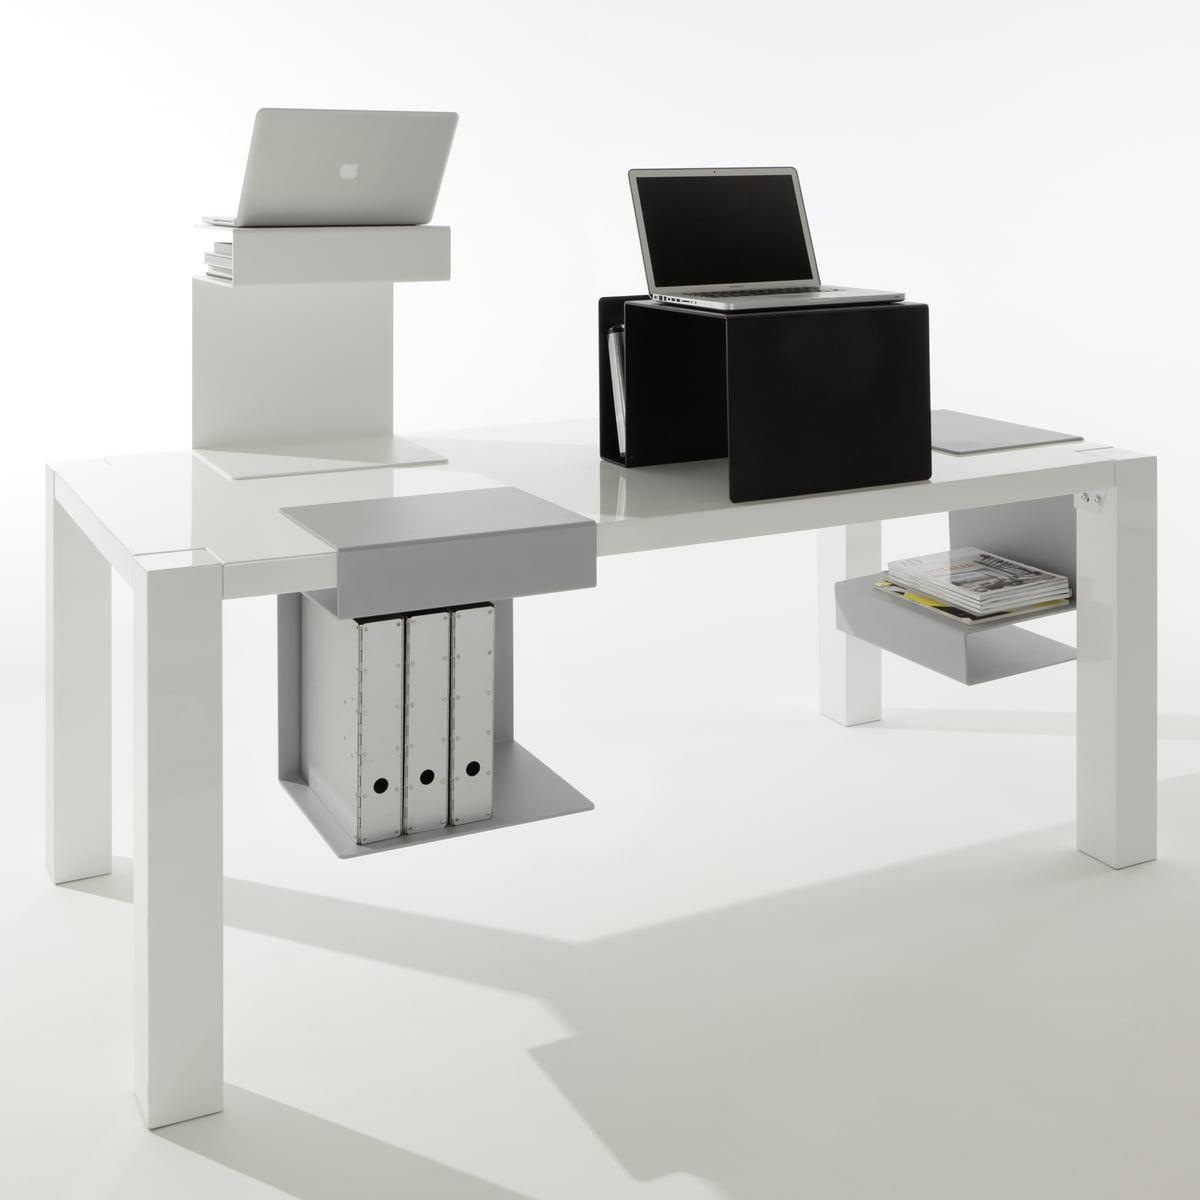 Huk Multifunctional Furniture Muller Mobelwerkstatten Connox